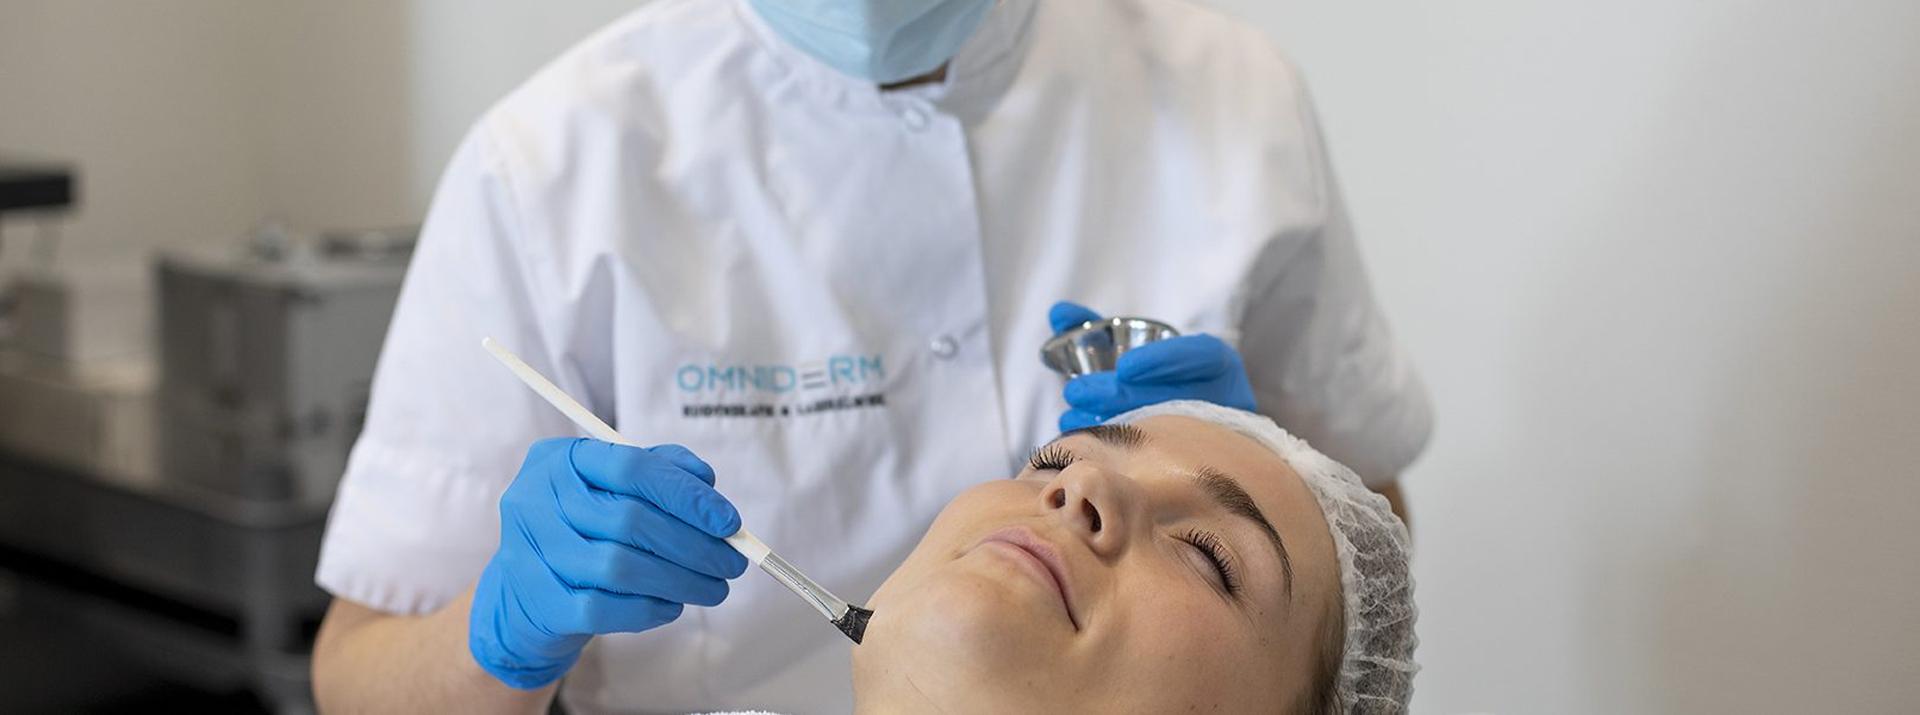 Voor huidverbetering kunt u terecht bij een van onze ervaren huidtherapeuten